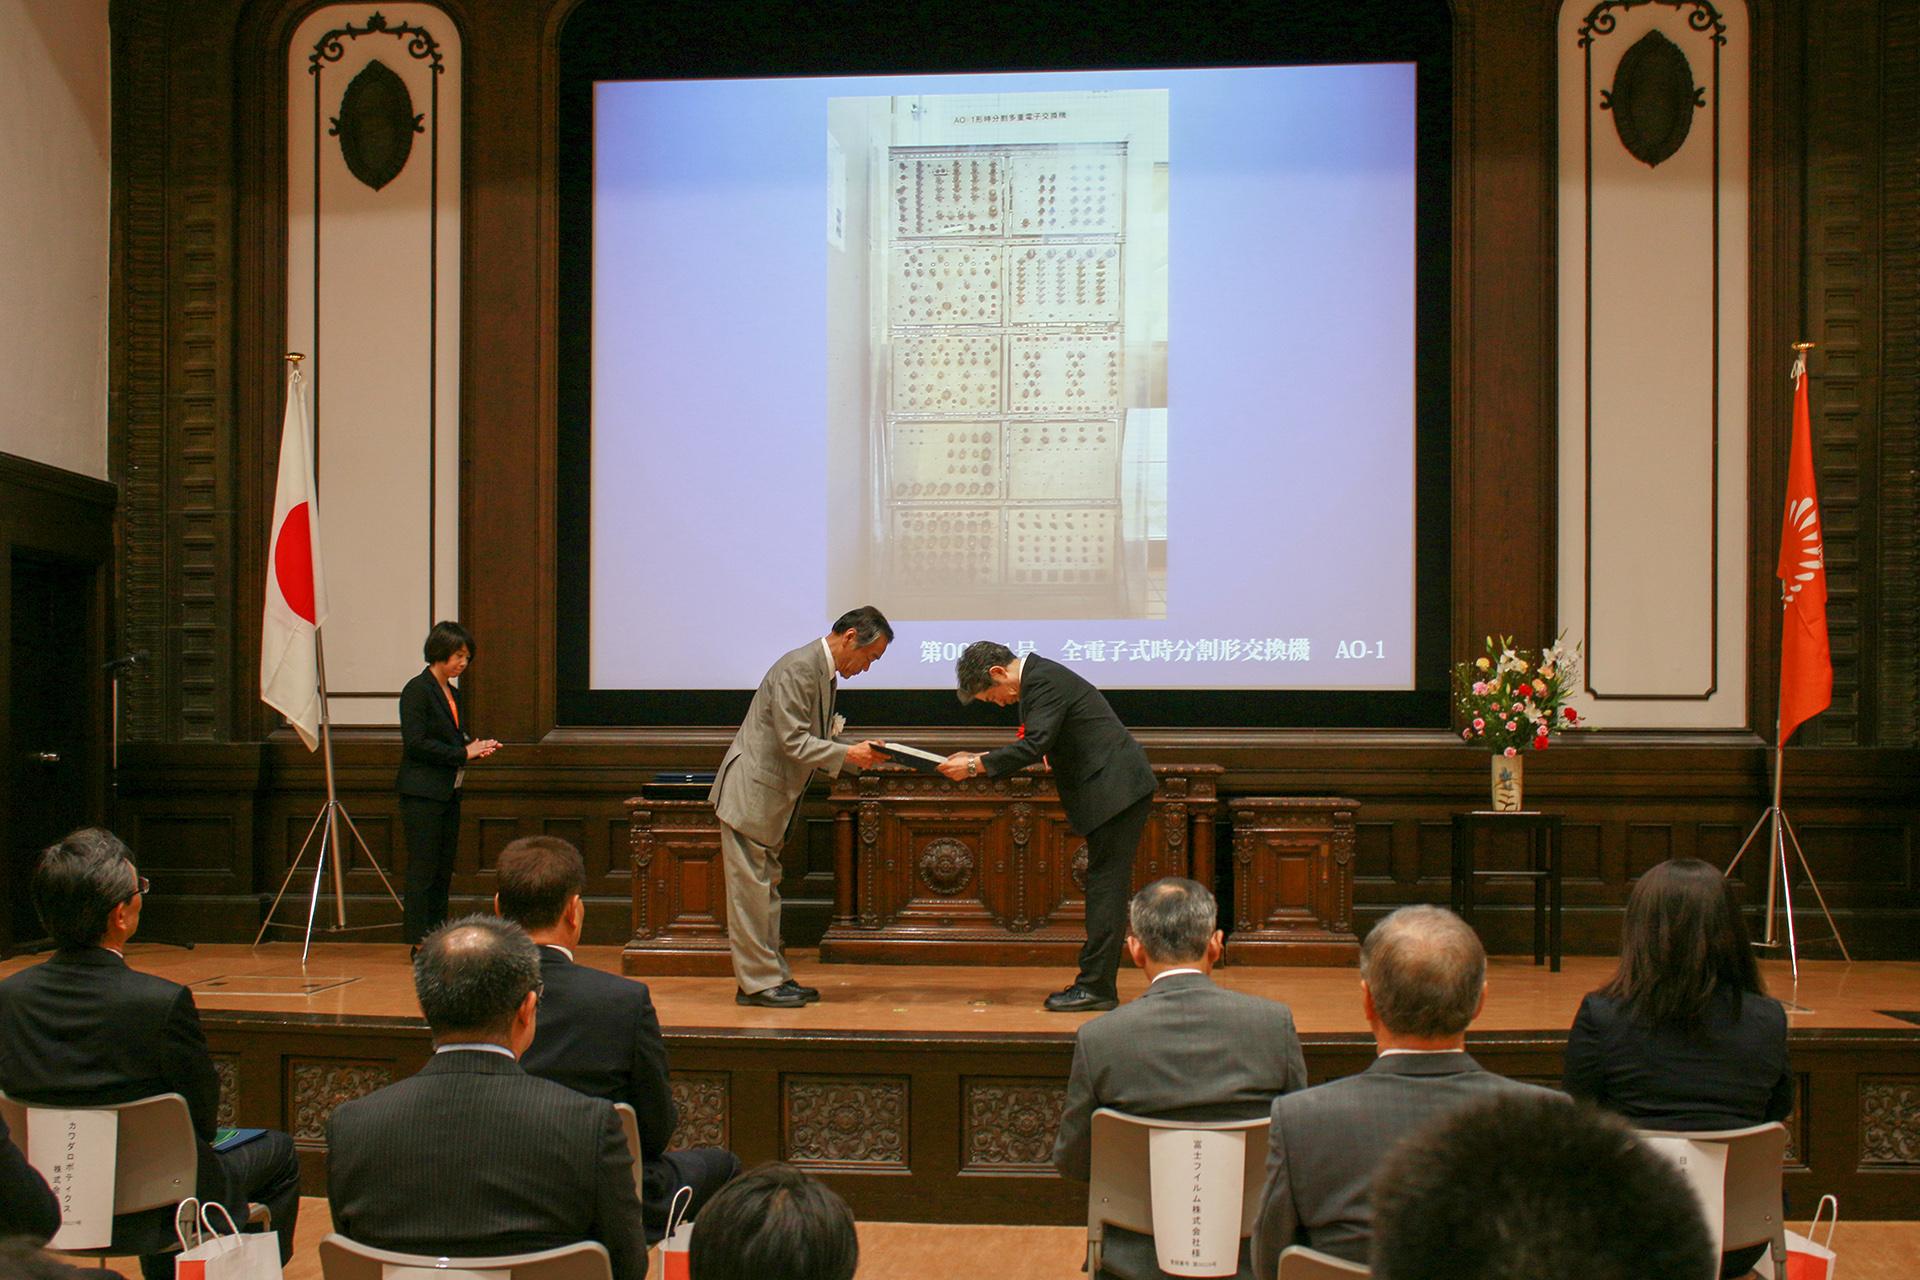 芝浦工業大学 -- 未来技術遺産に芝浦工大所蔵、国産初の電話用 「全電子式時分割形交換機AO-1」が登録 ~日本が電子式交換機の開発で世界をリードする原点となった